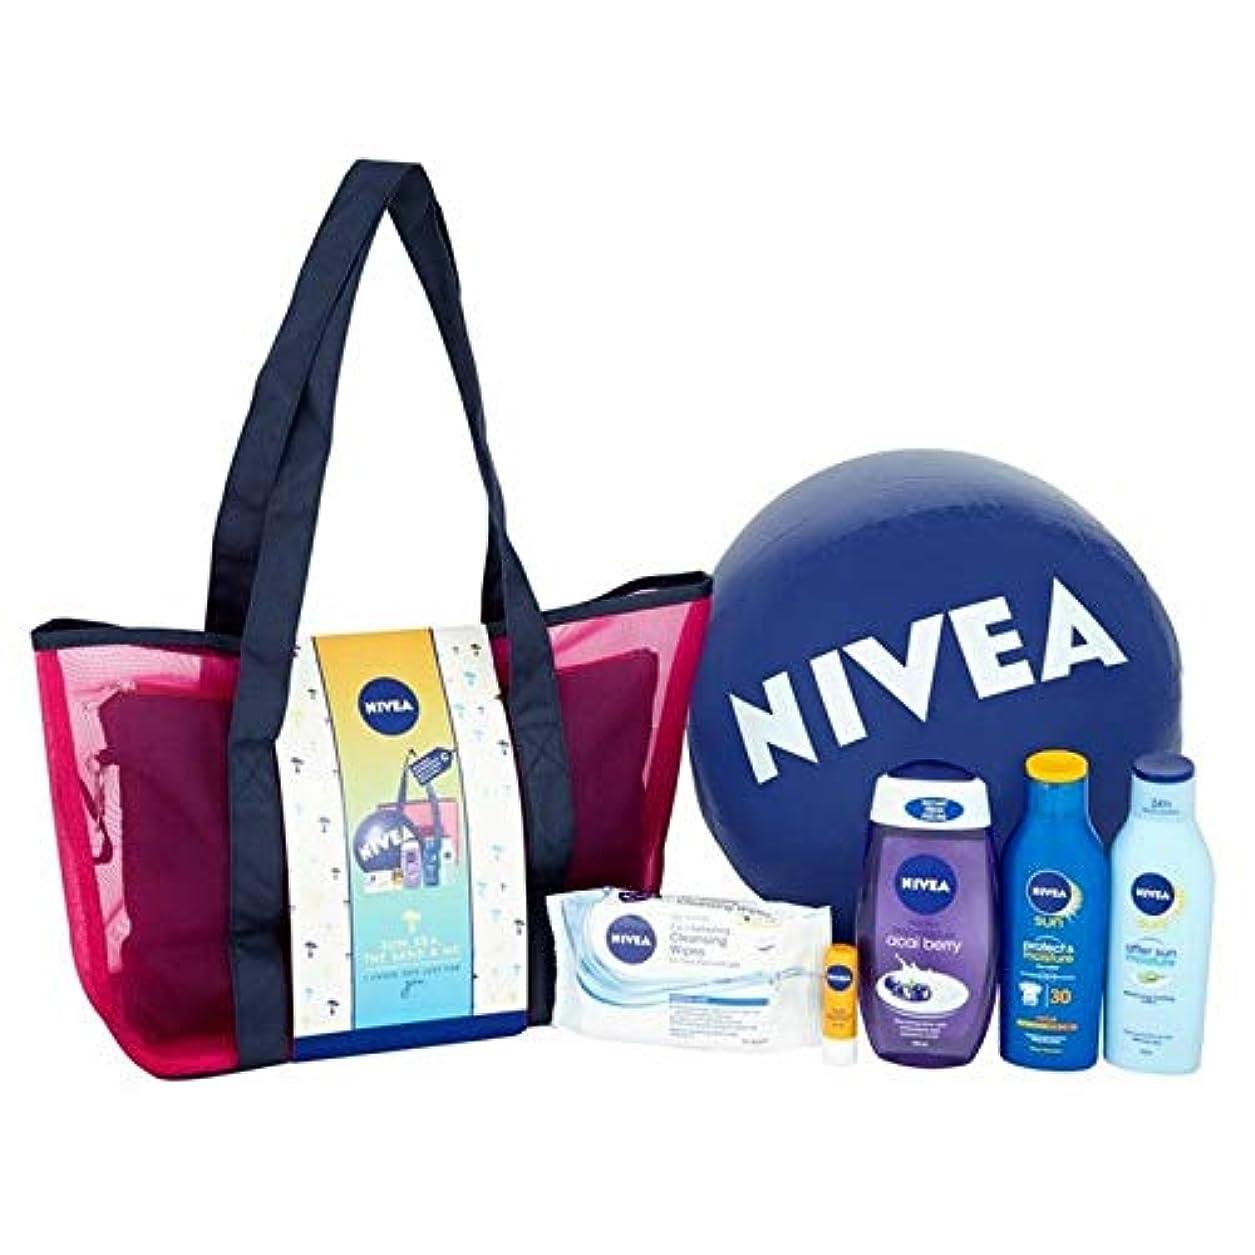 雑品偽装する立ち向かう[Nivea ] ニベアの太陽、海、砂&私のギフトパック - NIVEA Sun, Sea, The Sand & Me Gift Pack [並行輸入品]